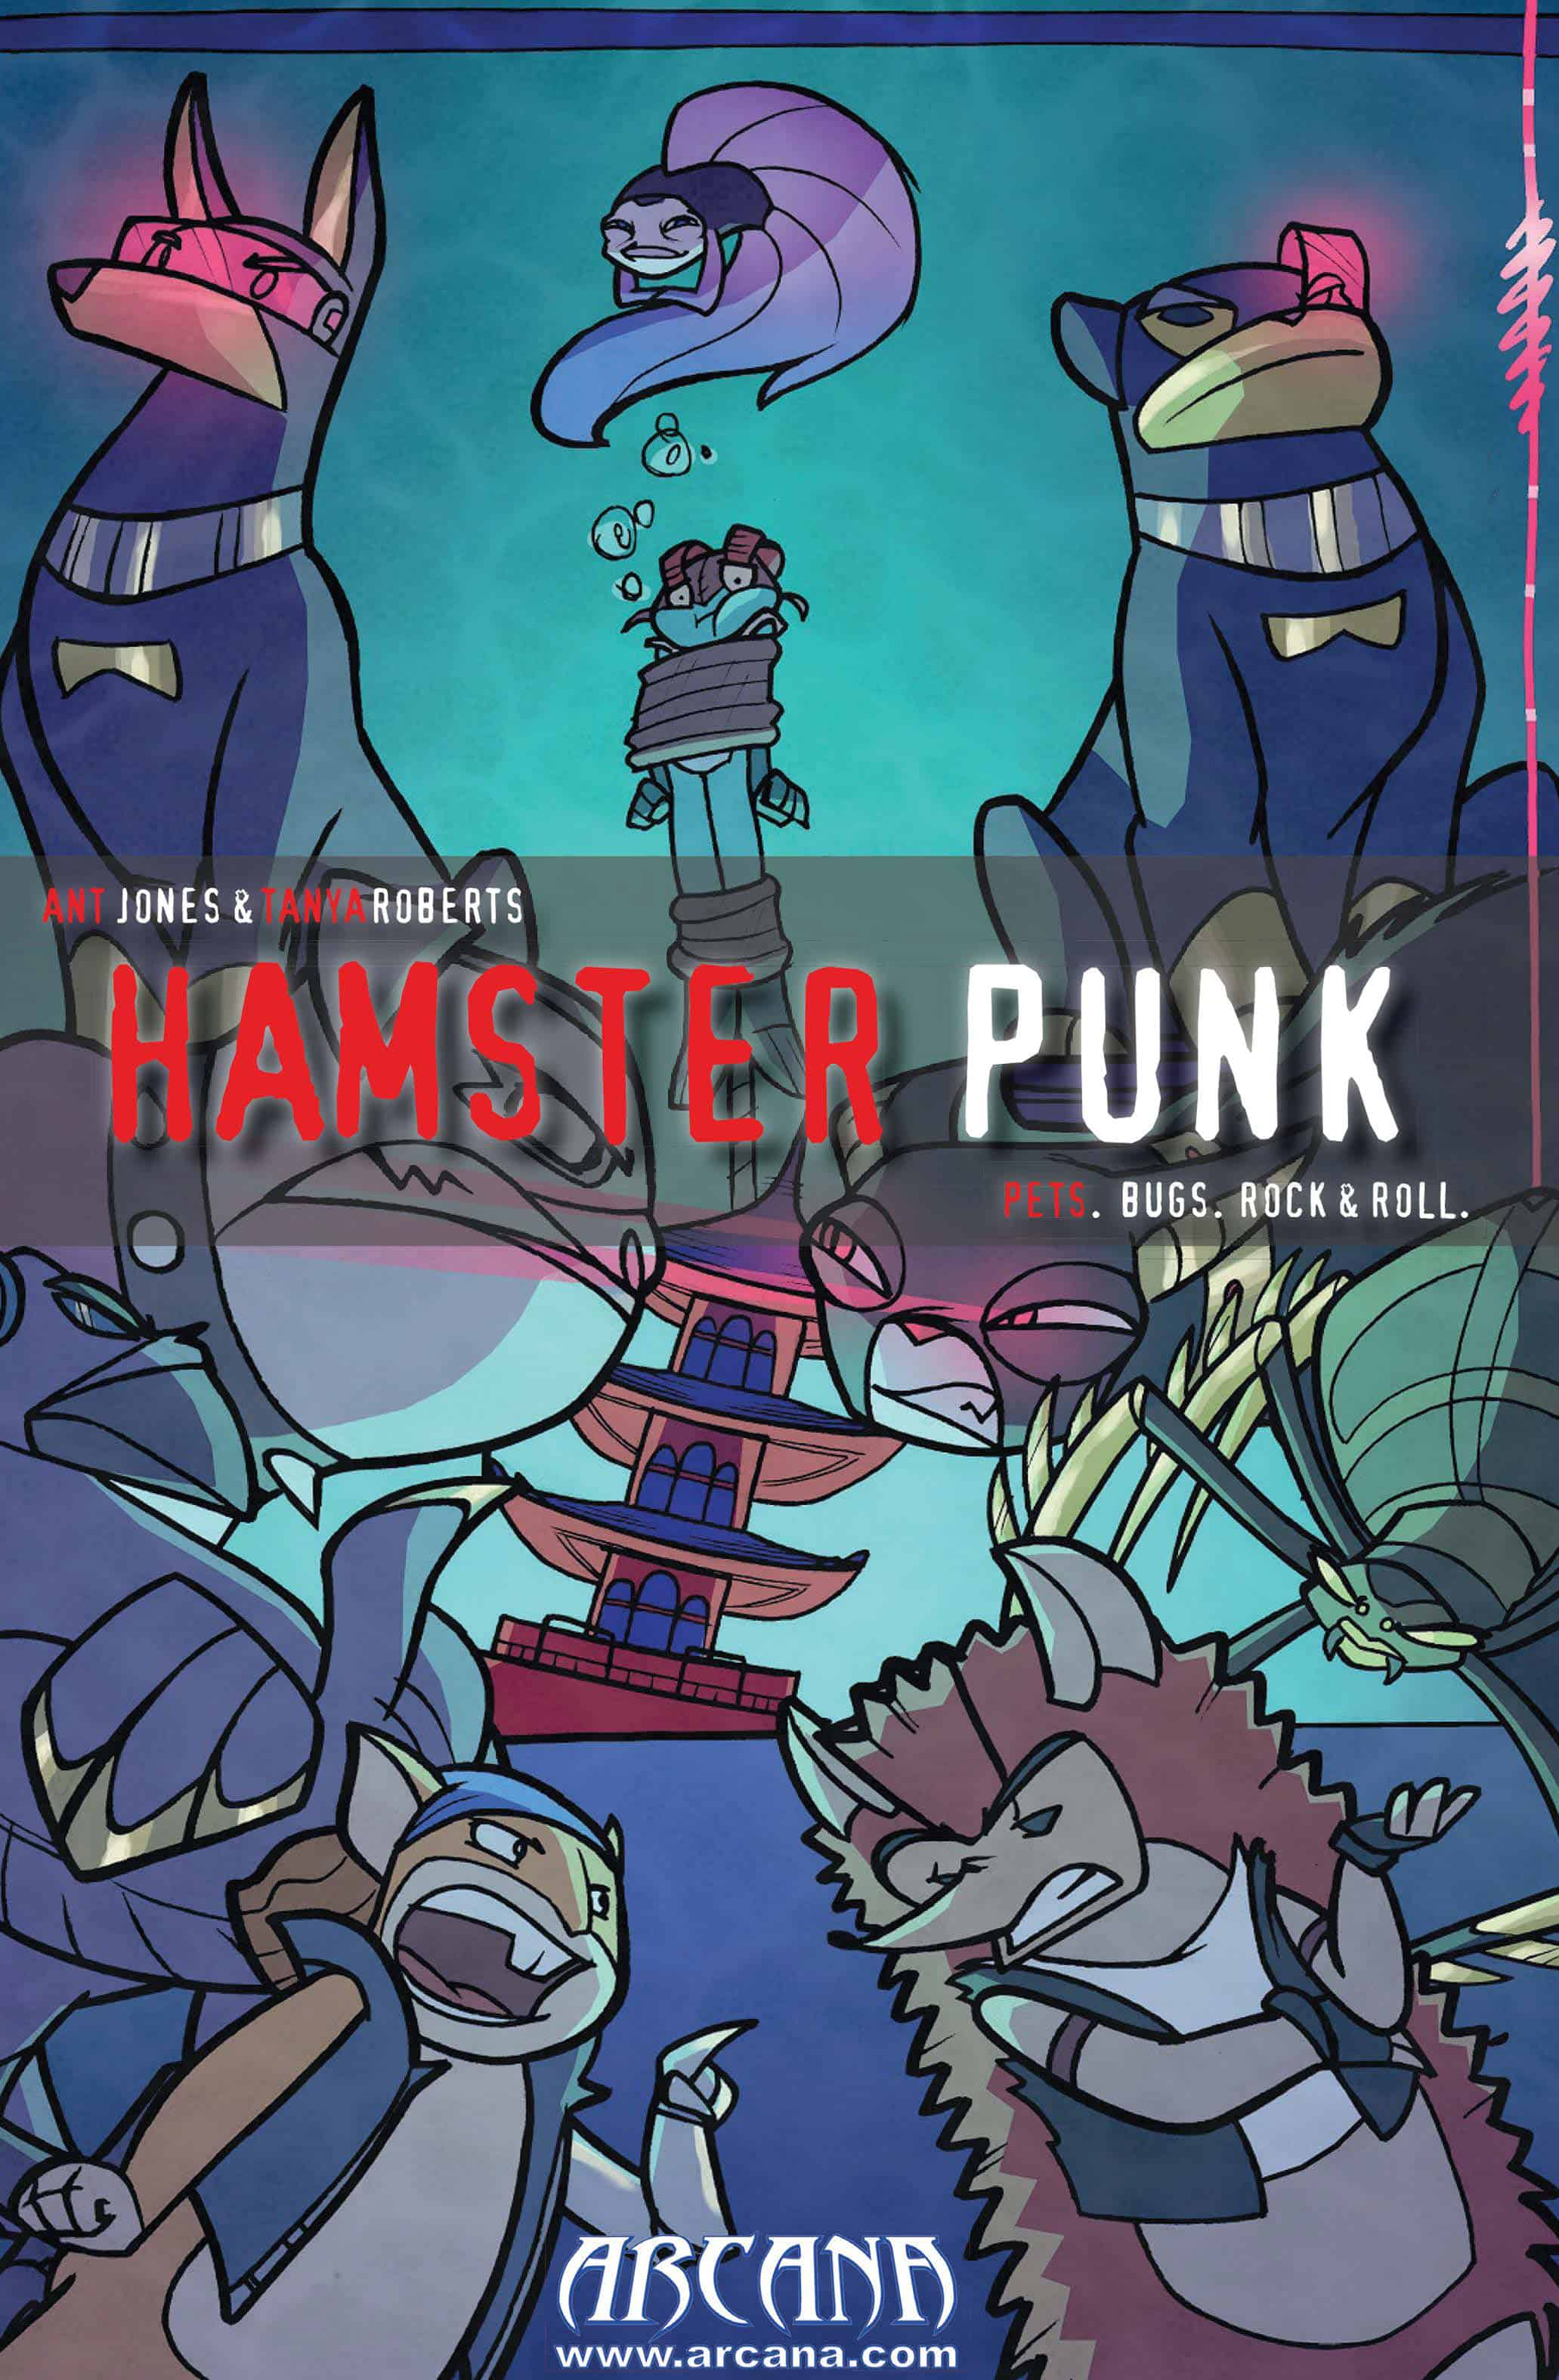 Hamsterpunk-300pdi-1